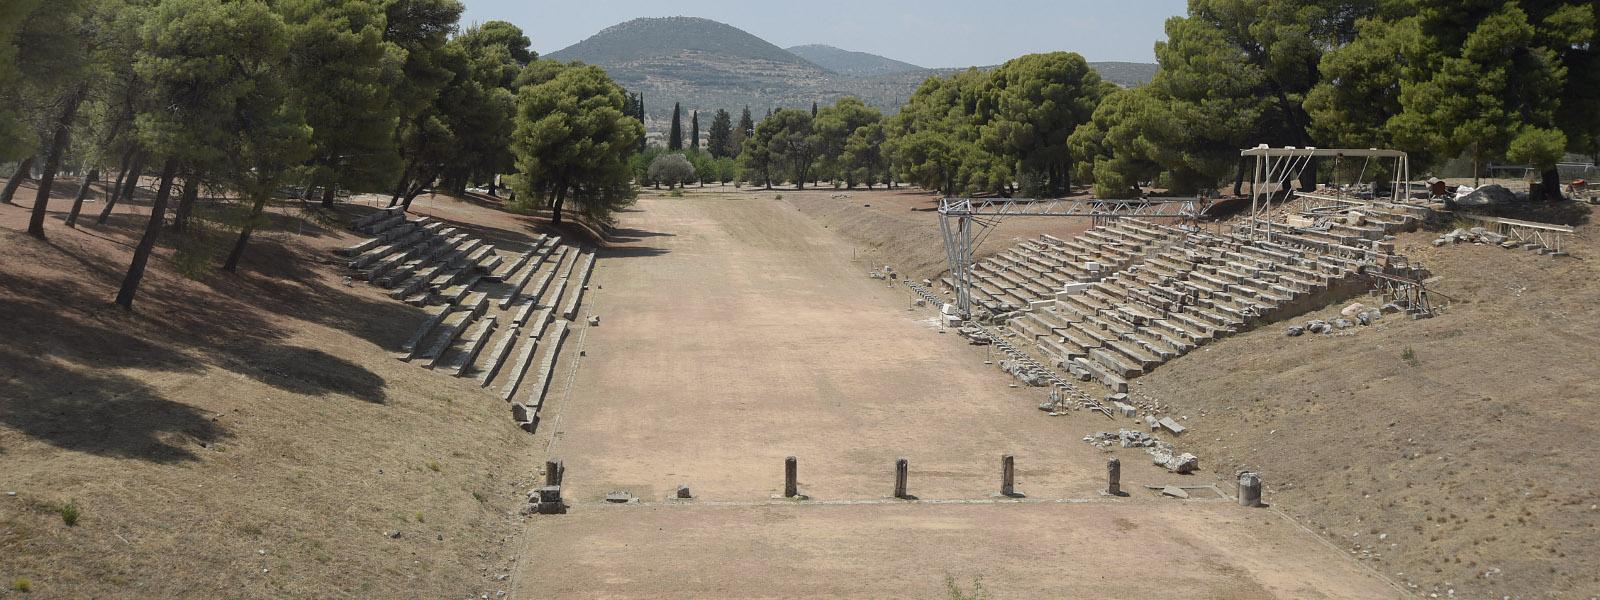 het stadion in het Asklepiosheiligdom